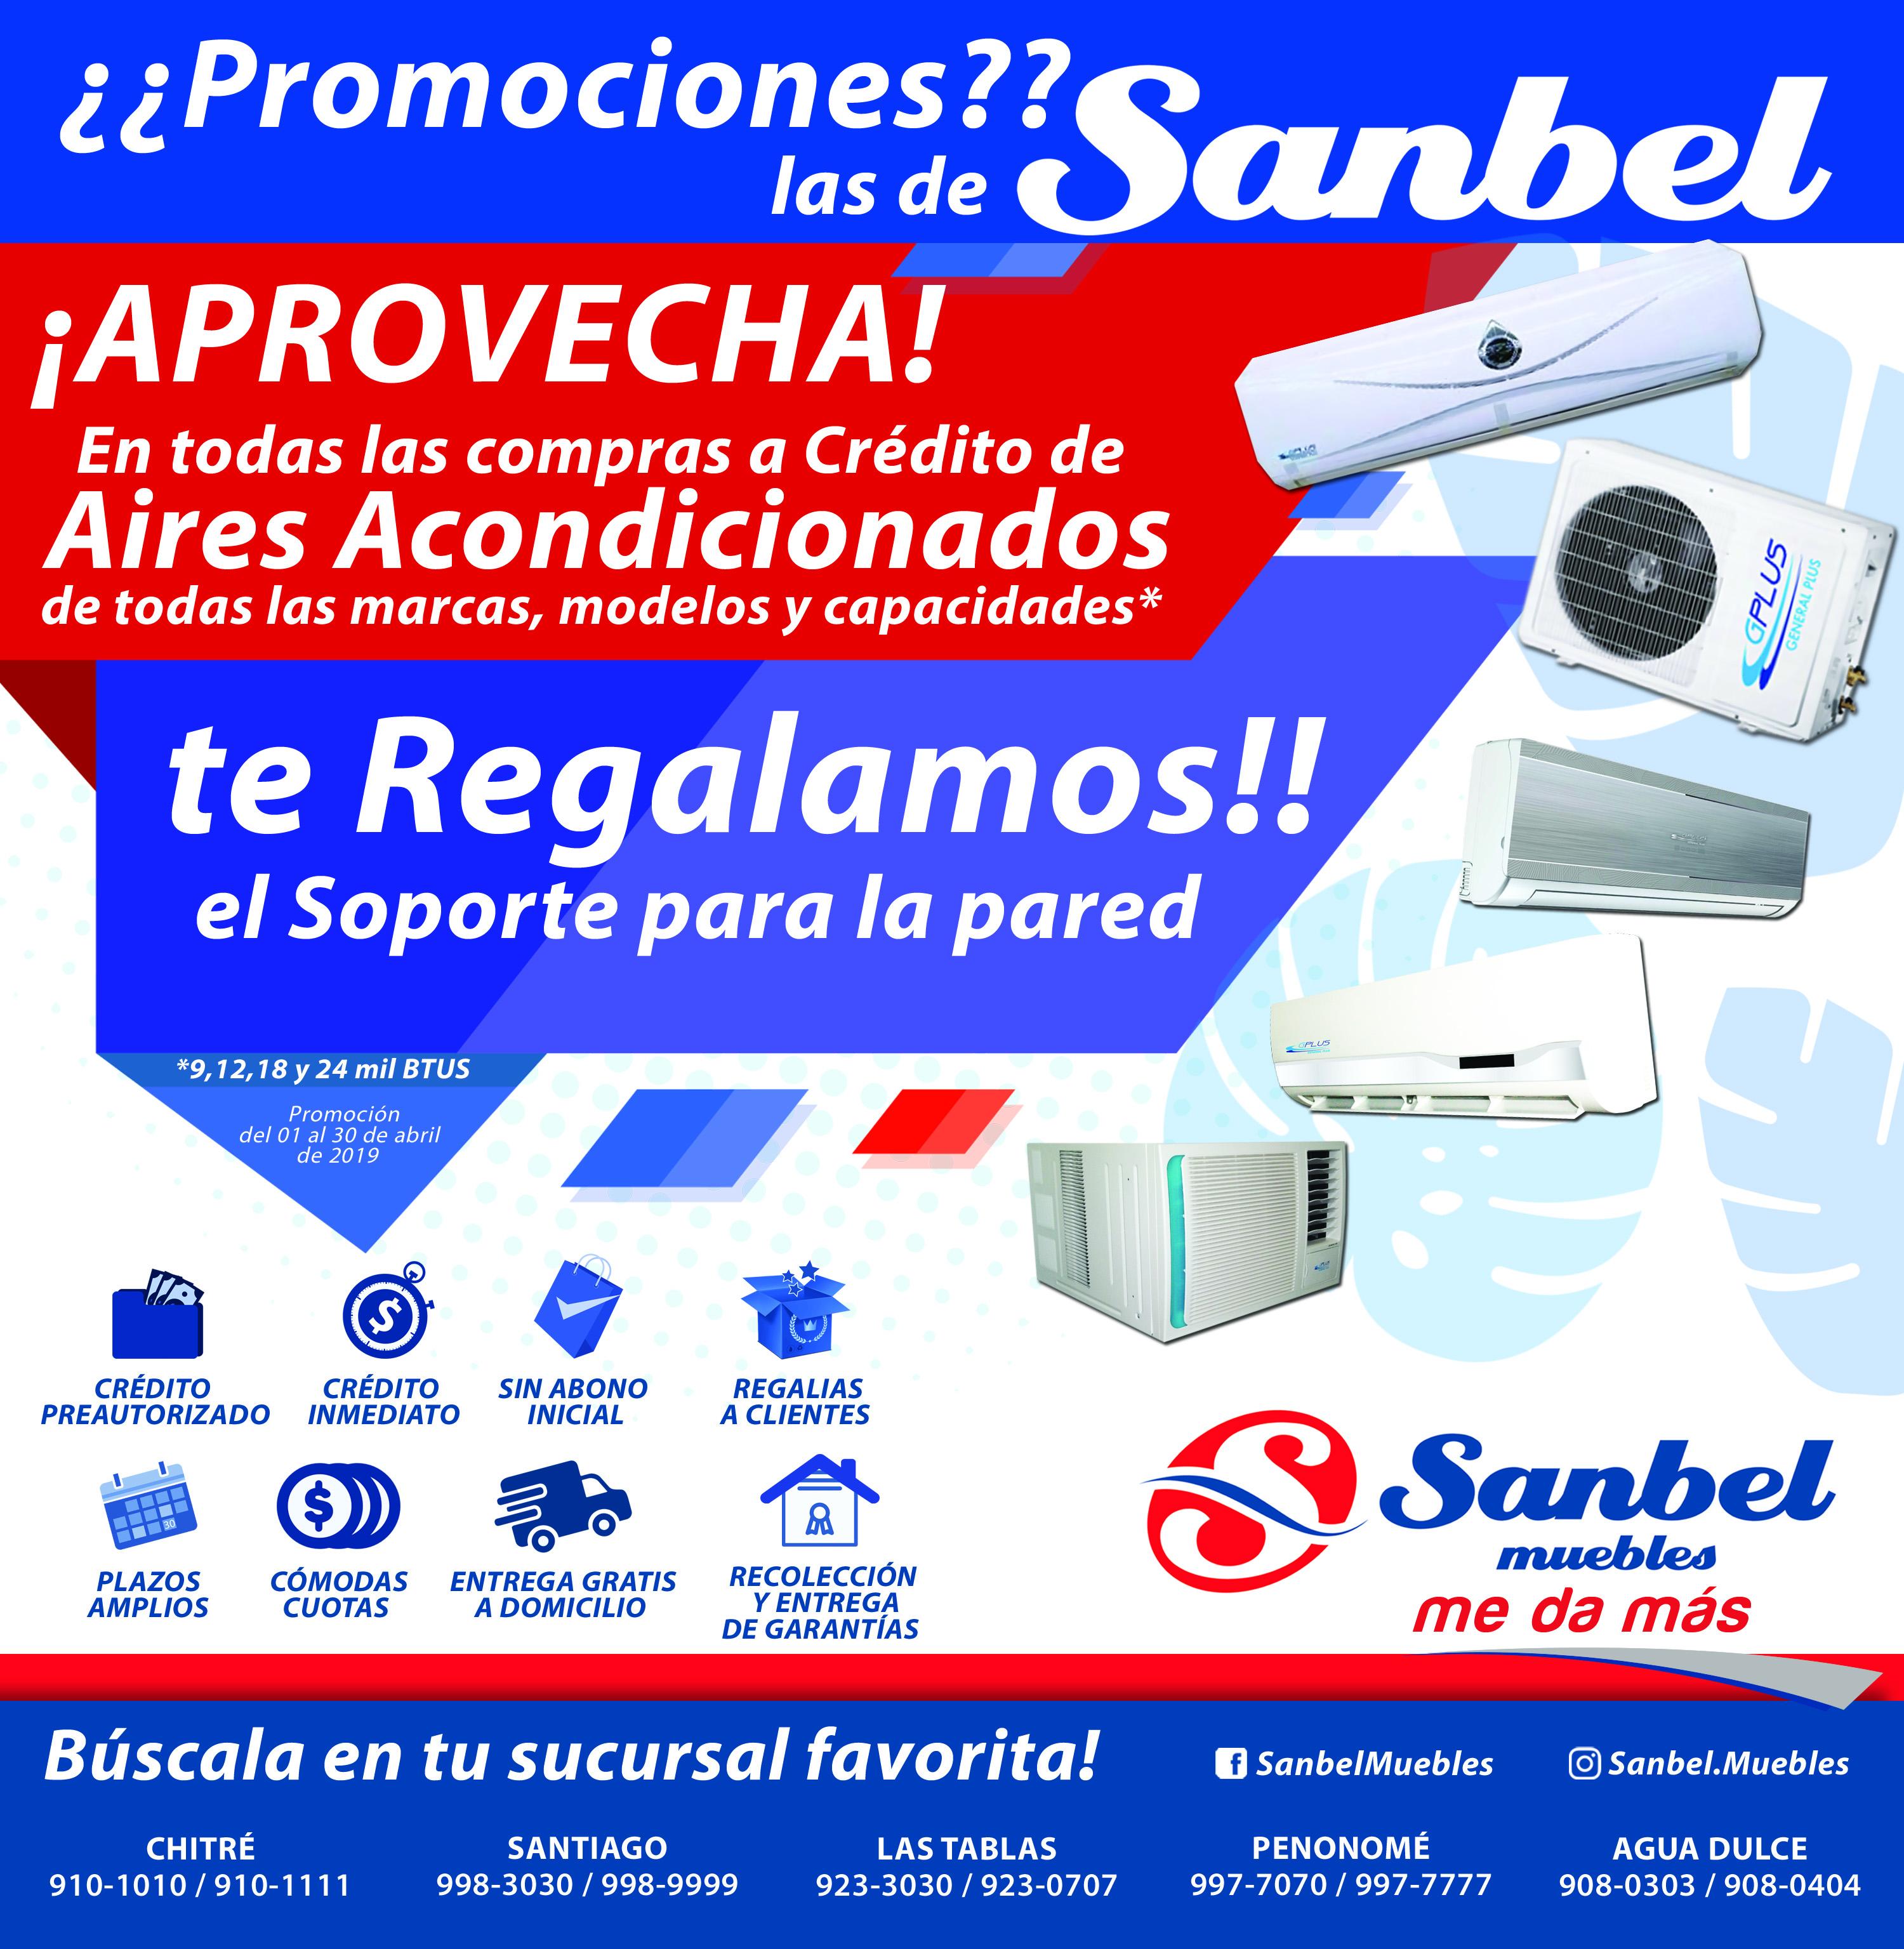 SANBEL